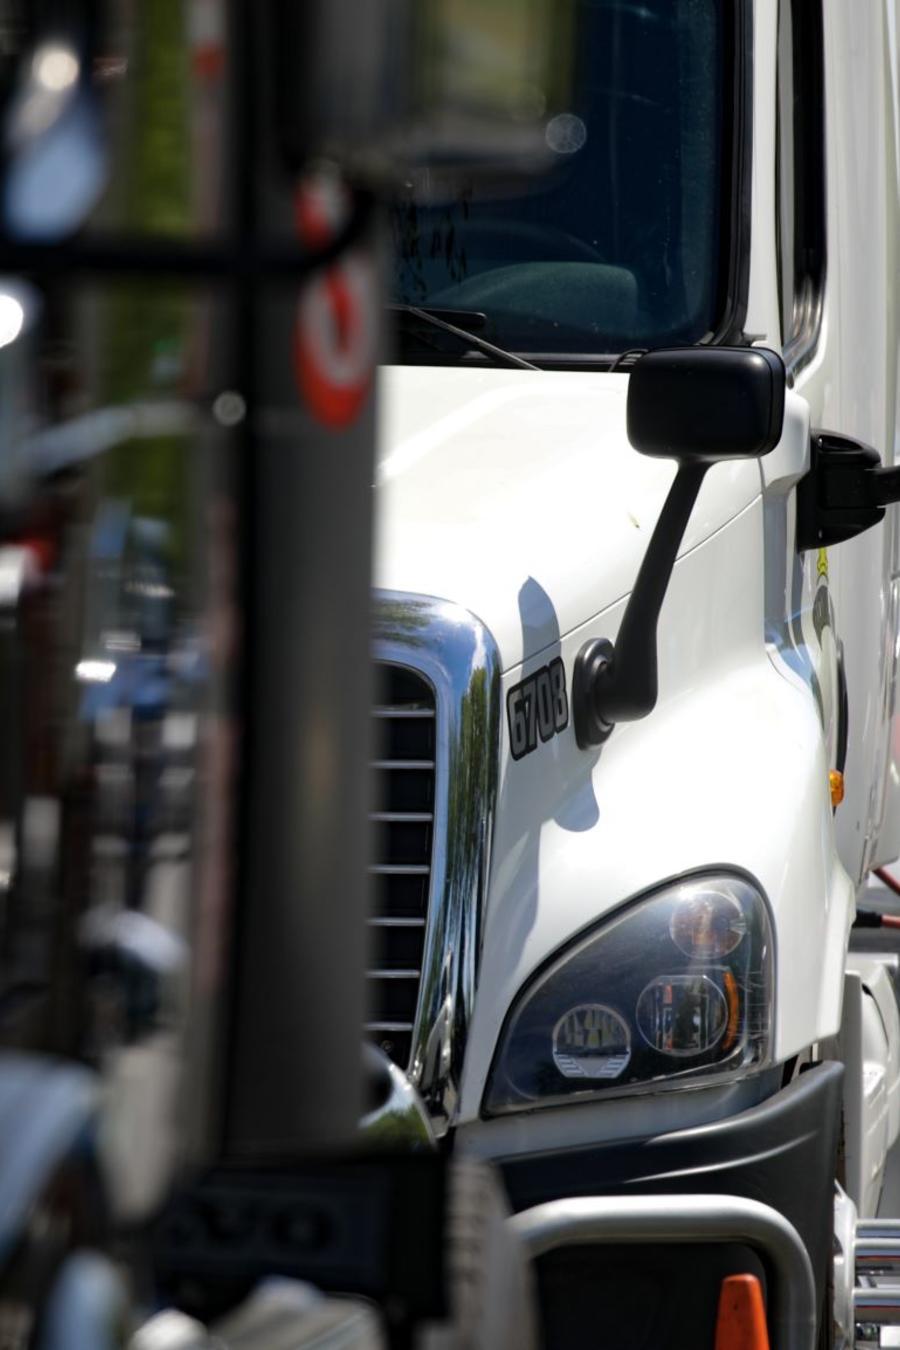 El conducir camiones es la función más solicitada con más de 1.3 millones de vacantes